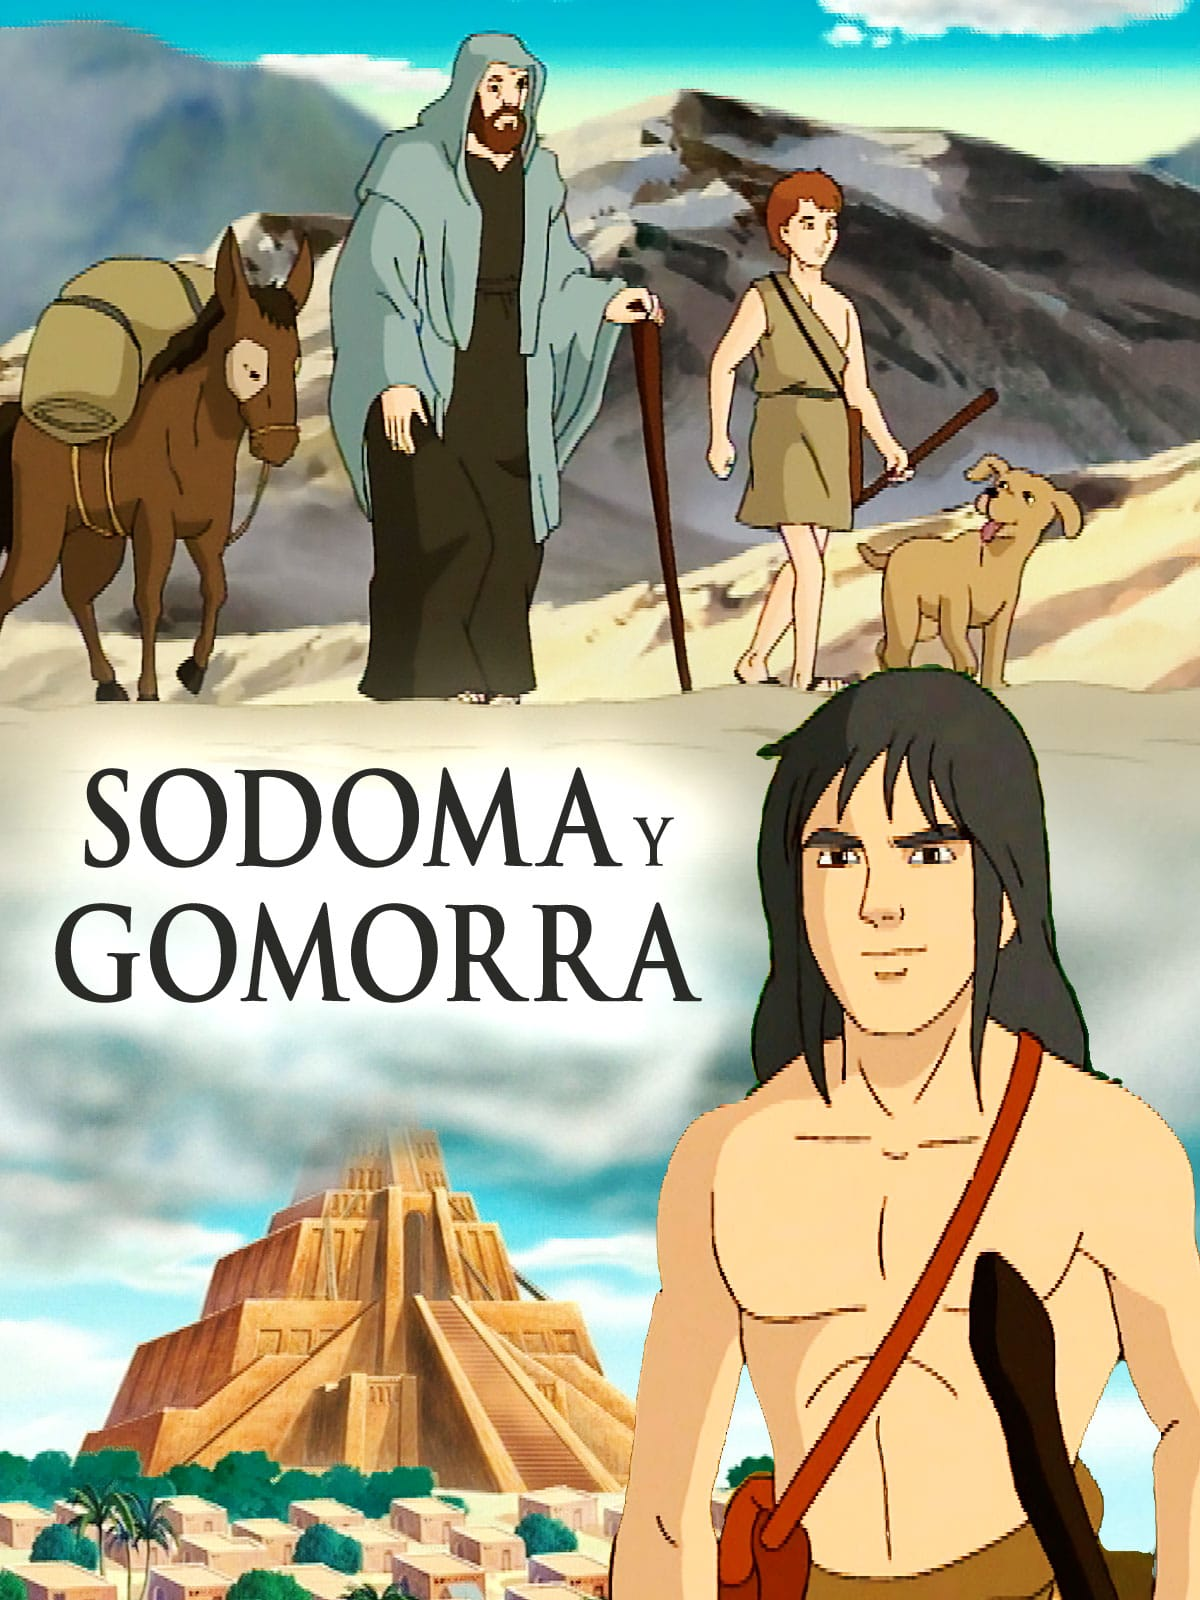 Sodoma y Gomorra (El Antiguo Testamento I)